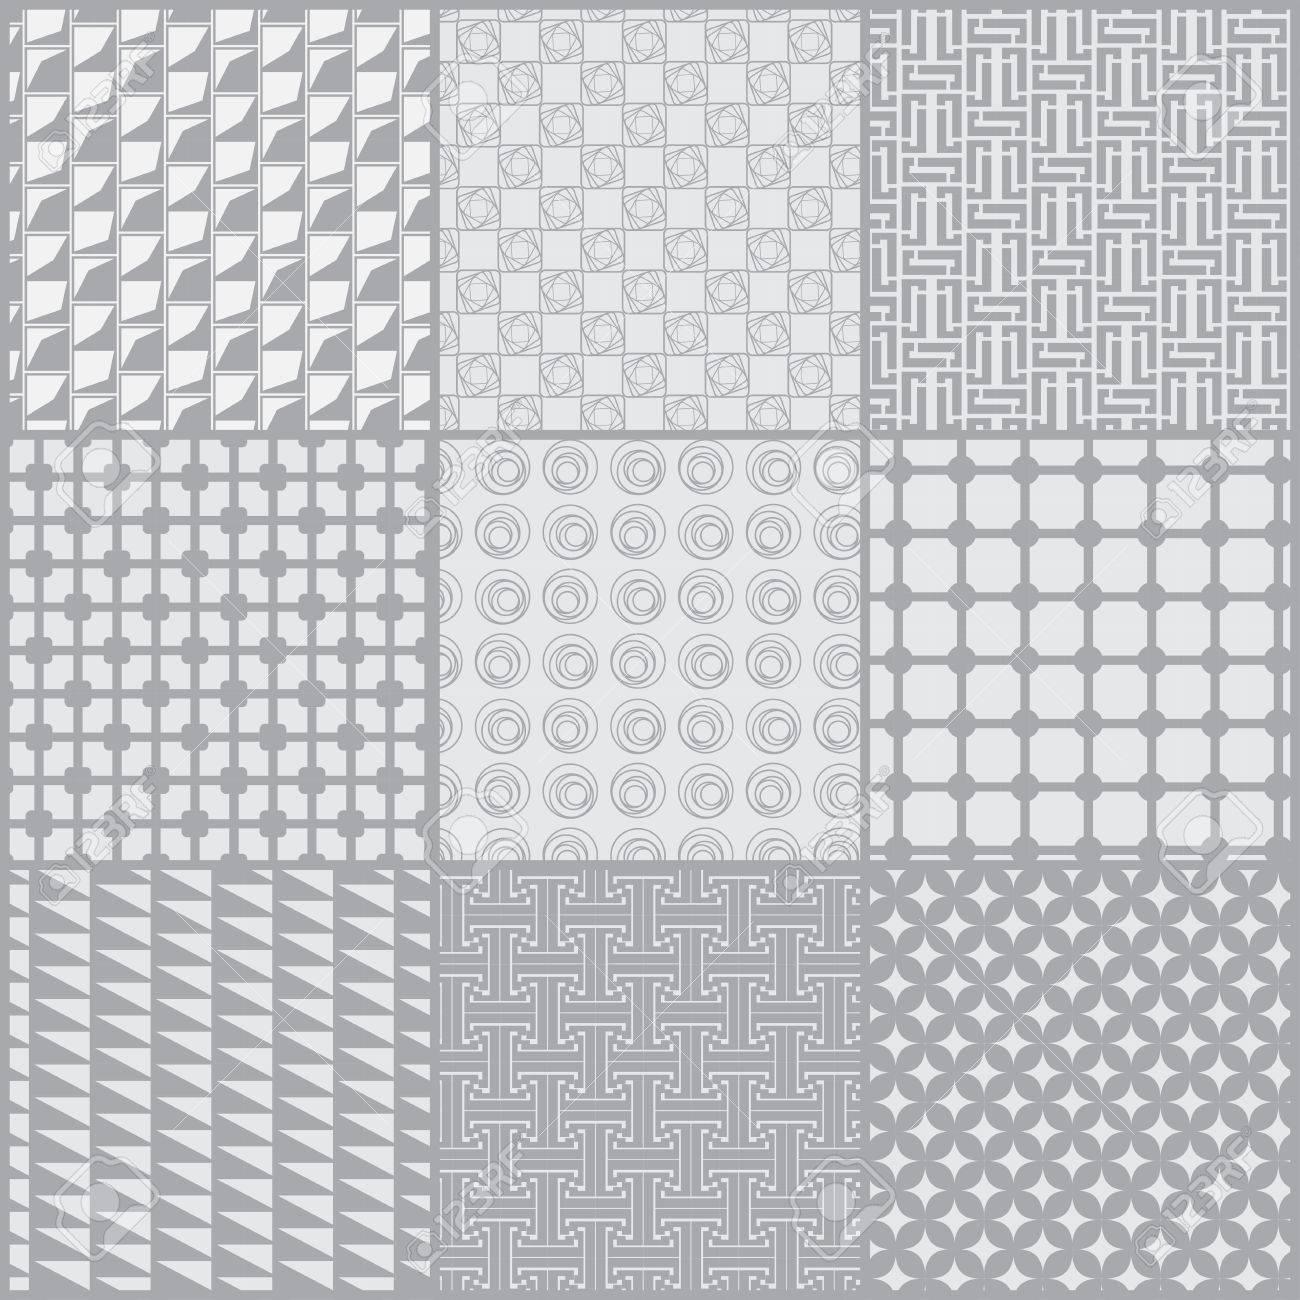 9 Modeles Differents Texture Geometrique Gris Doux Peut Etre Utilise Pour Le Papier Peint Motifs De Remplissage Fond De Page Web